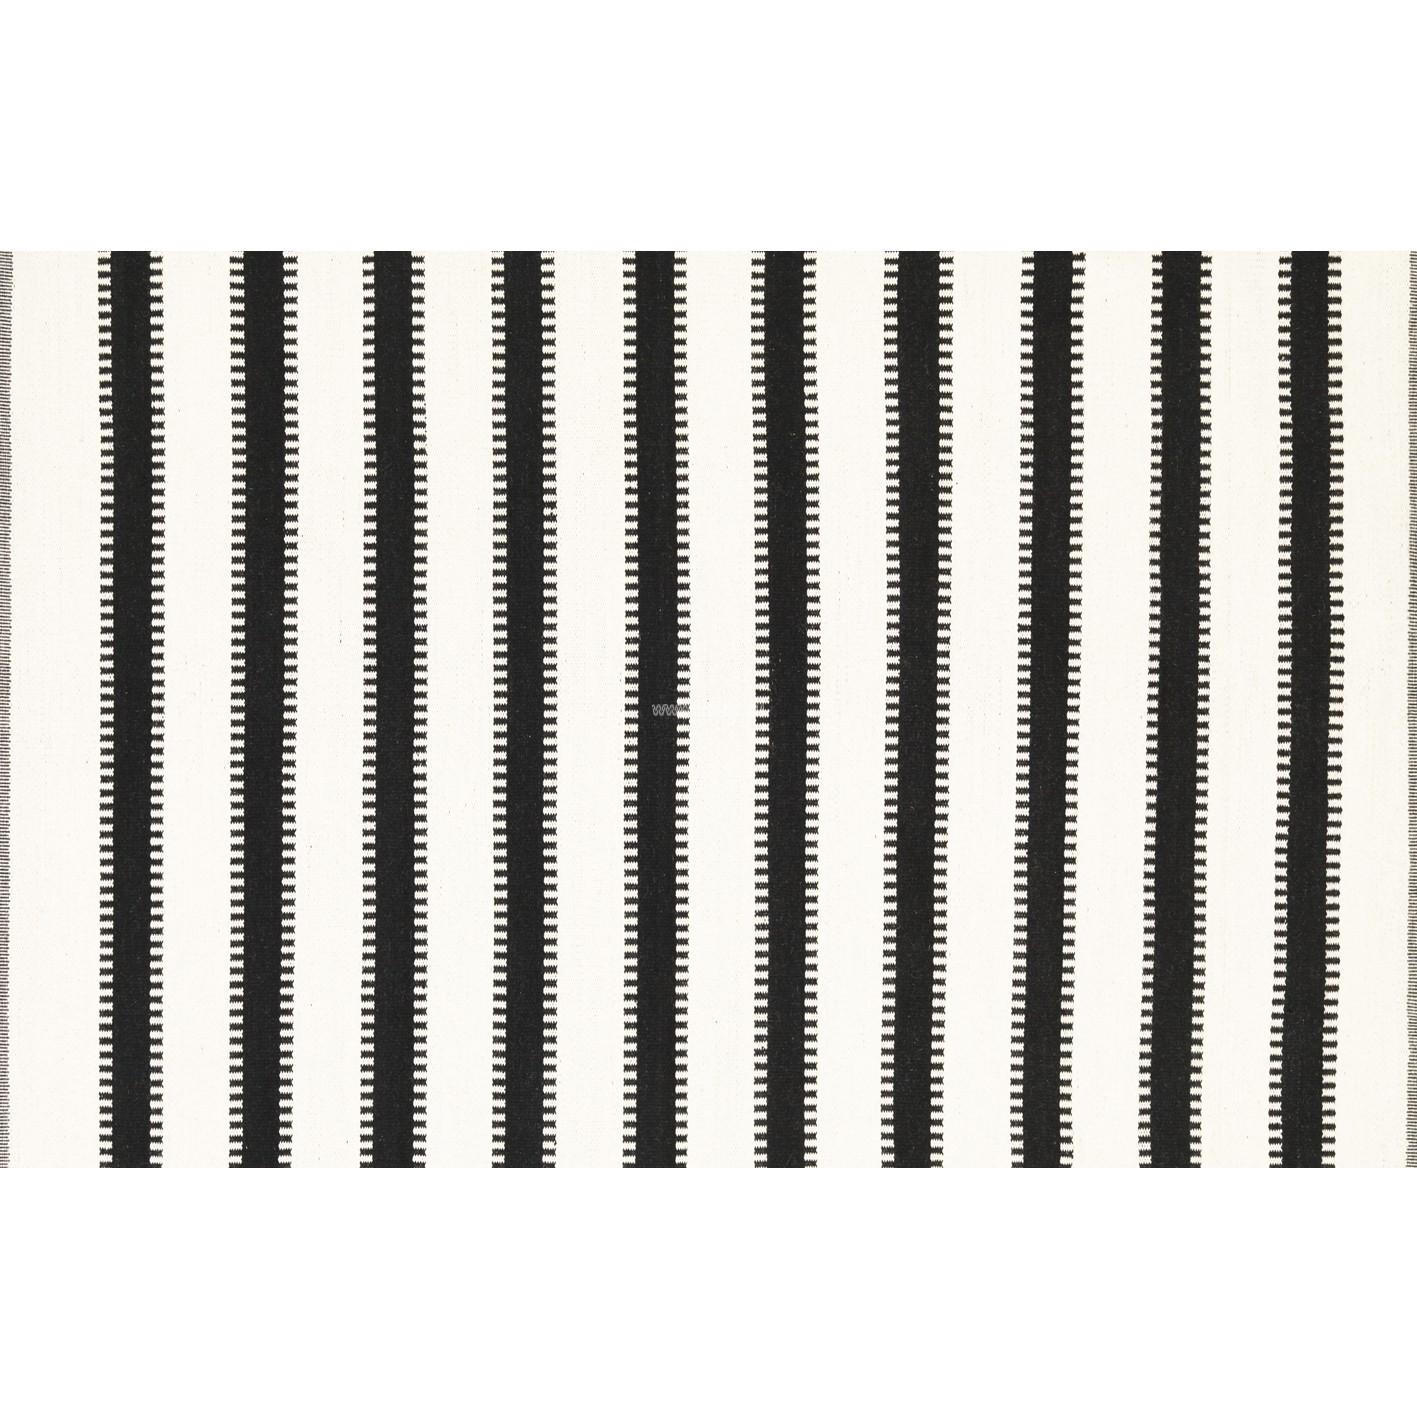 Ковер Designers Guild Rugs Franchini Noir DHRDG0048, интернет магазин Волео